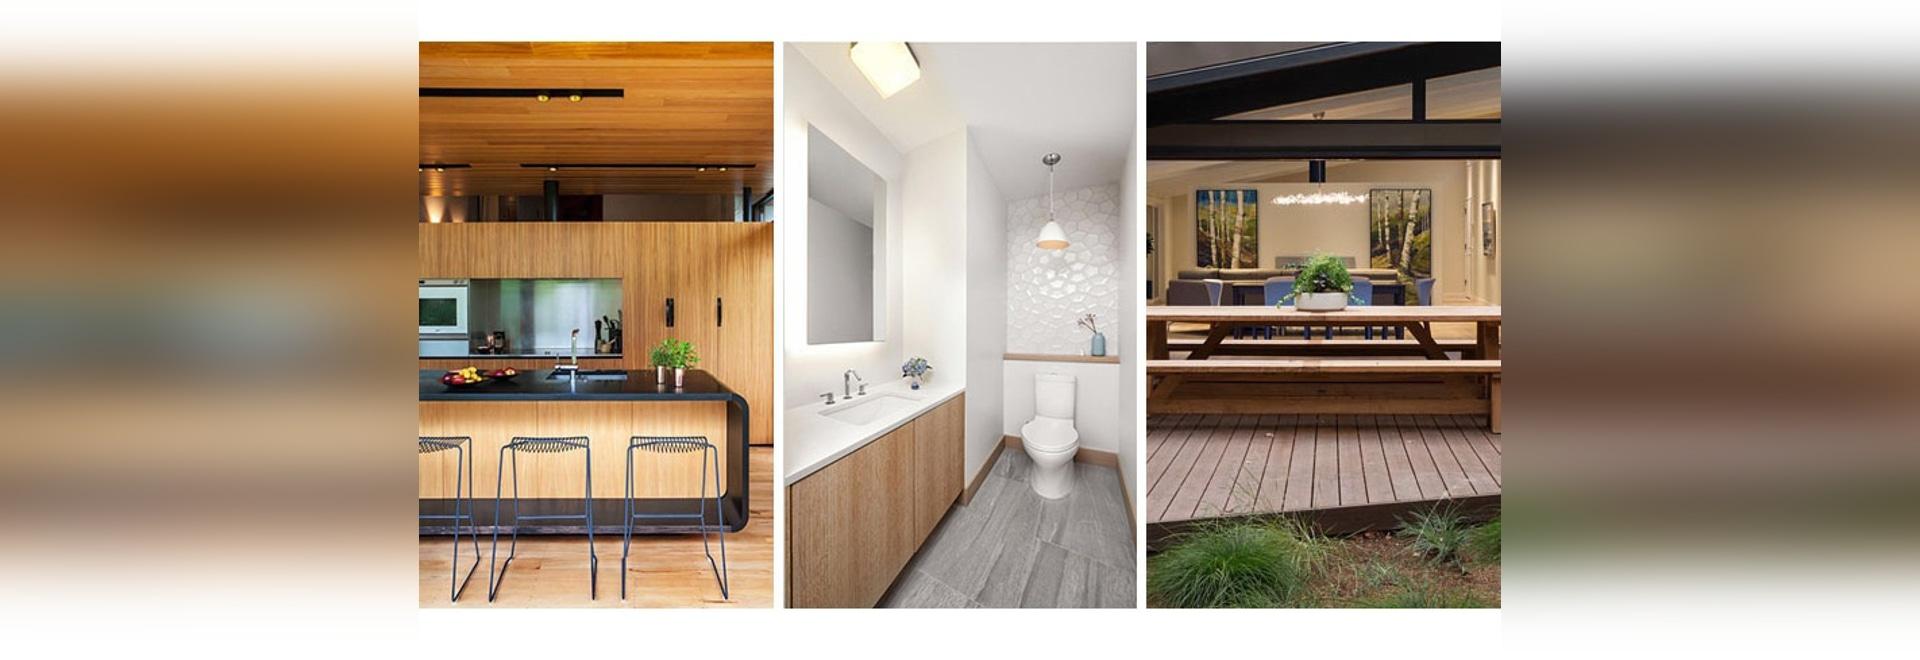 7 Sachen, die Sie tun können, um Wert Ihrem Haus hinzuzufügen ...